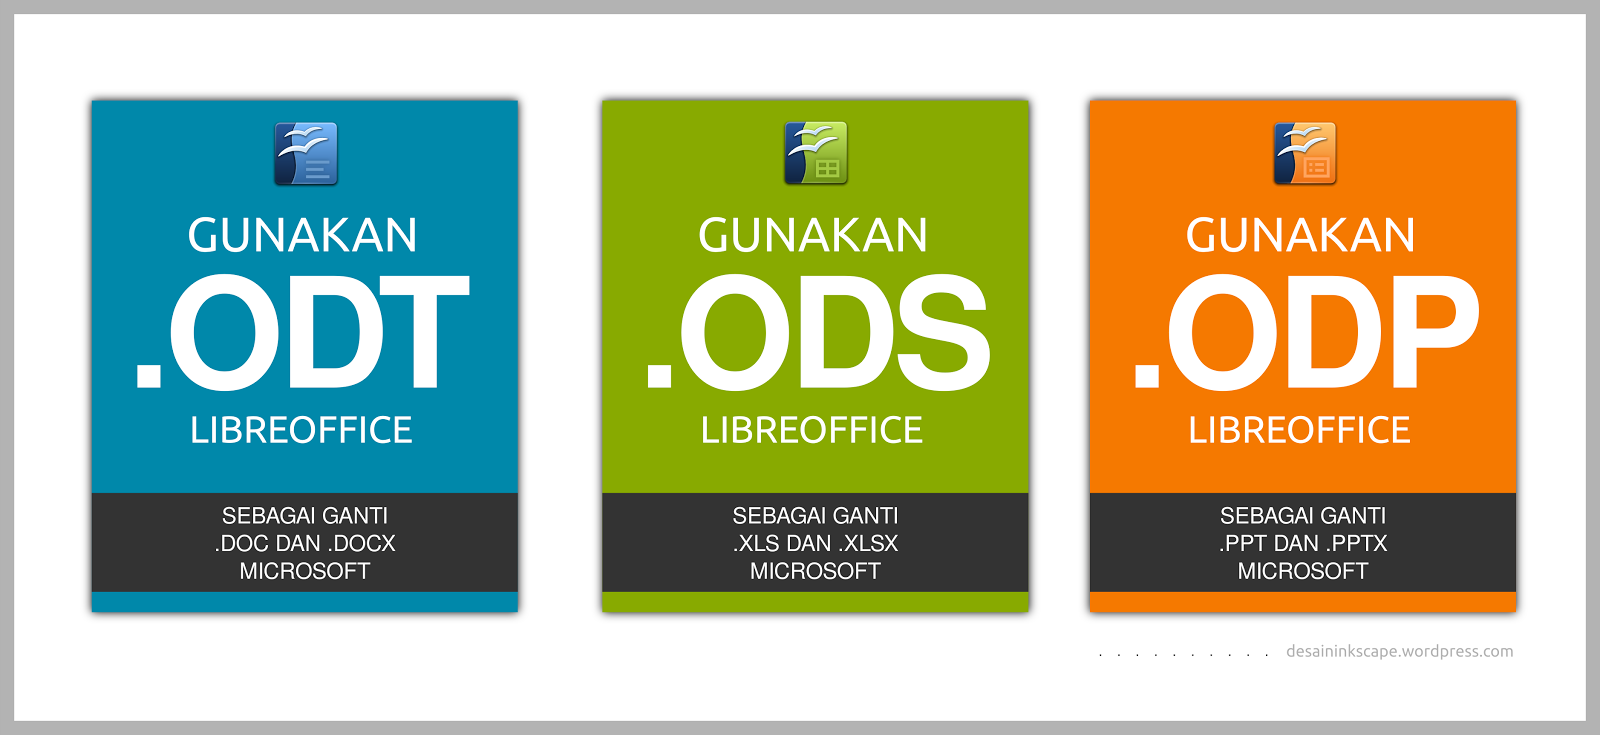 Gunakan file format .ODF mulai sekarang!!!